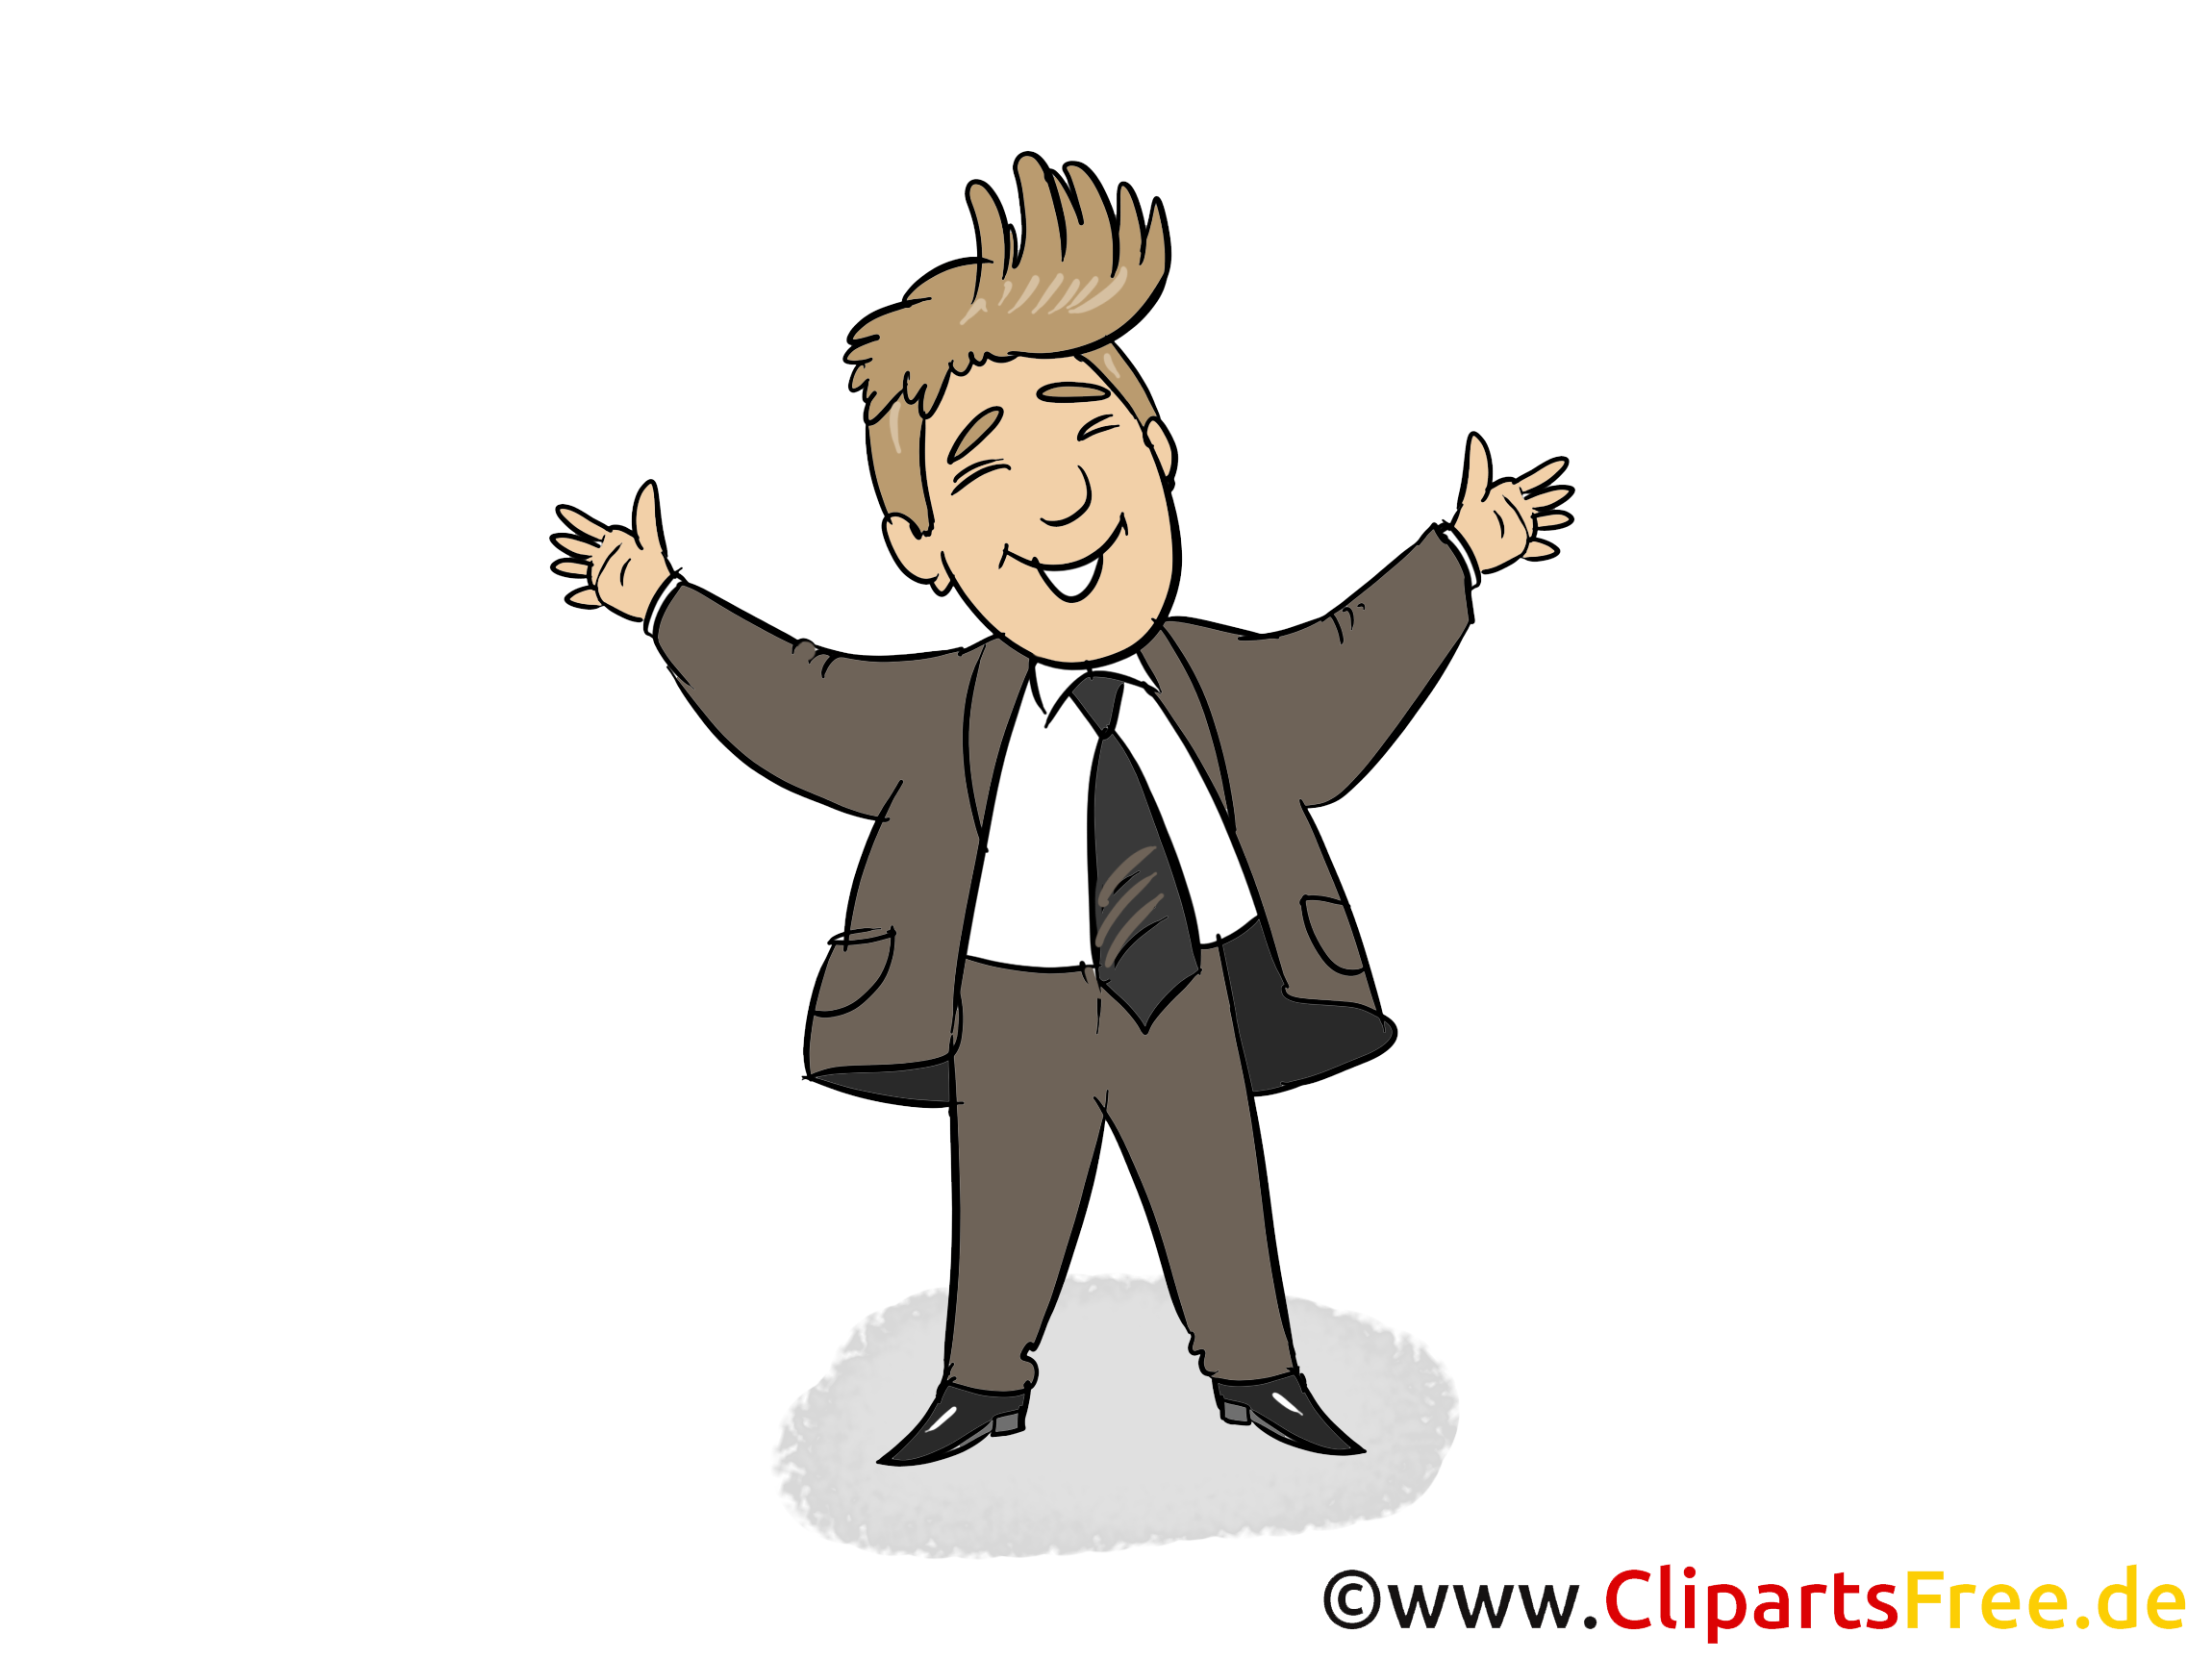 Chef dessin – Finances cliparts à télécharger